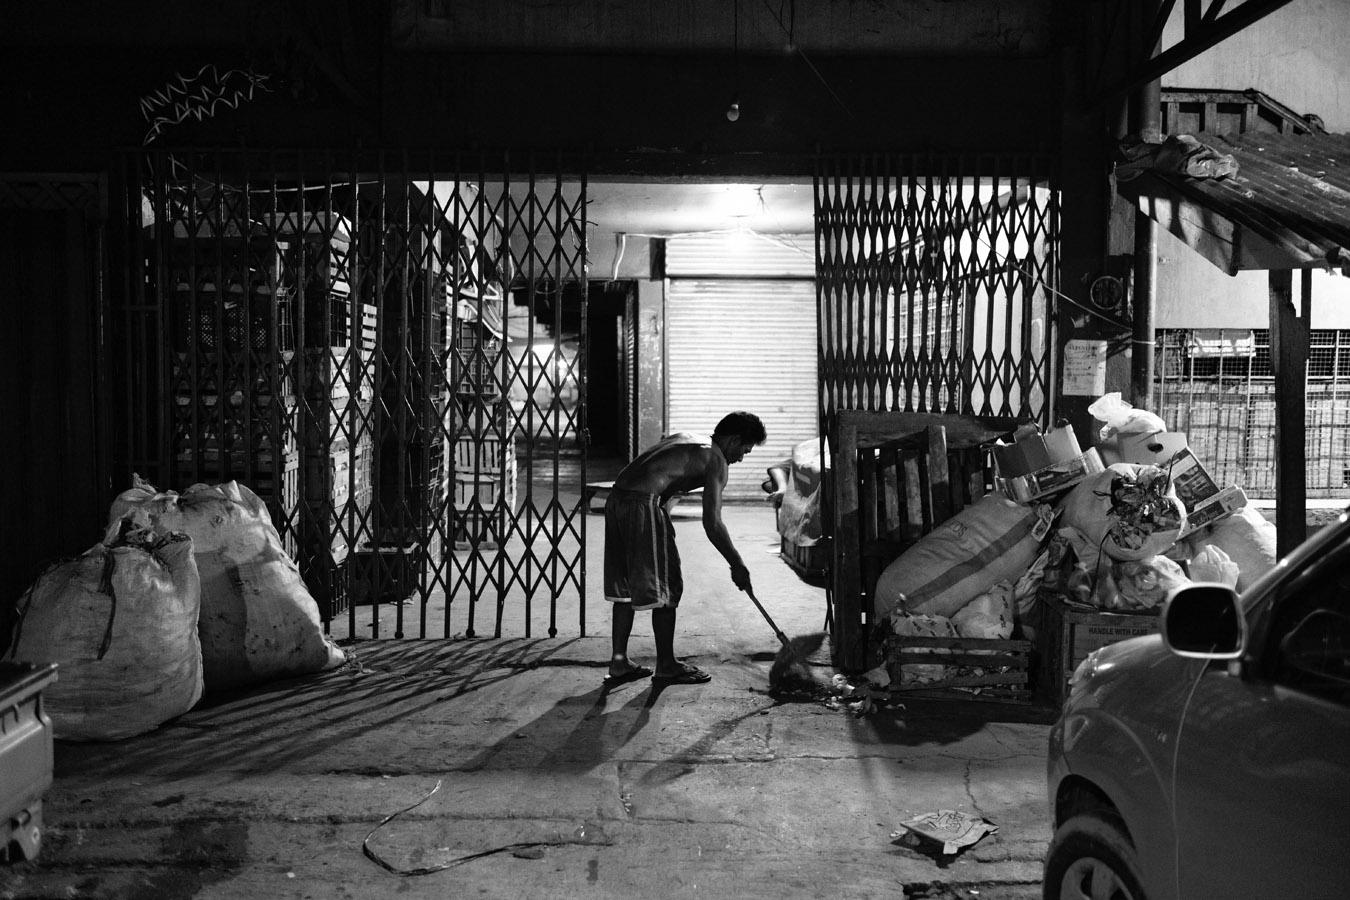 Cebu_by_night_Delettre_Cyril10.jpg